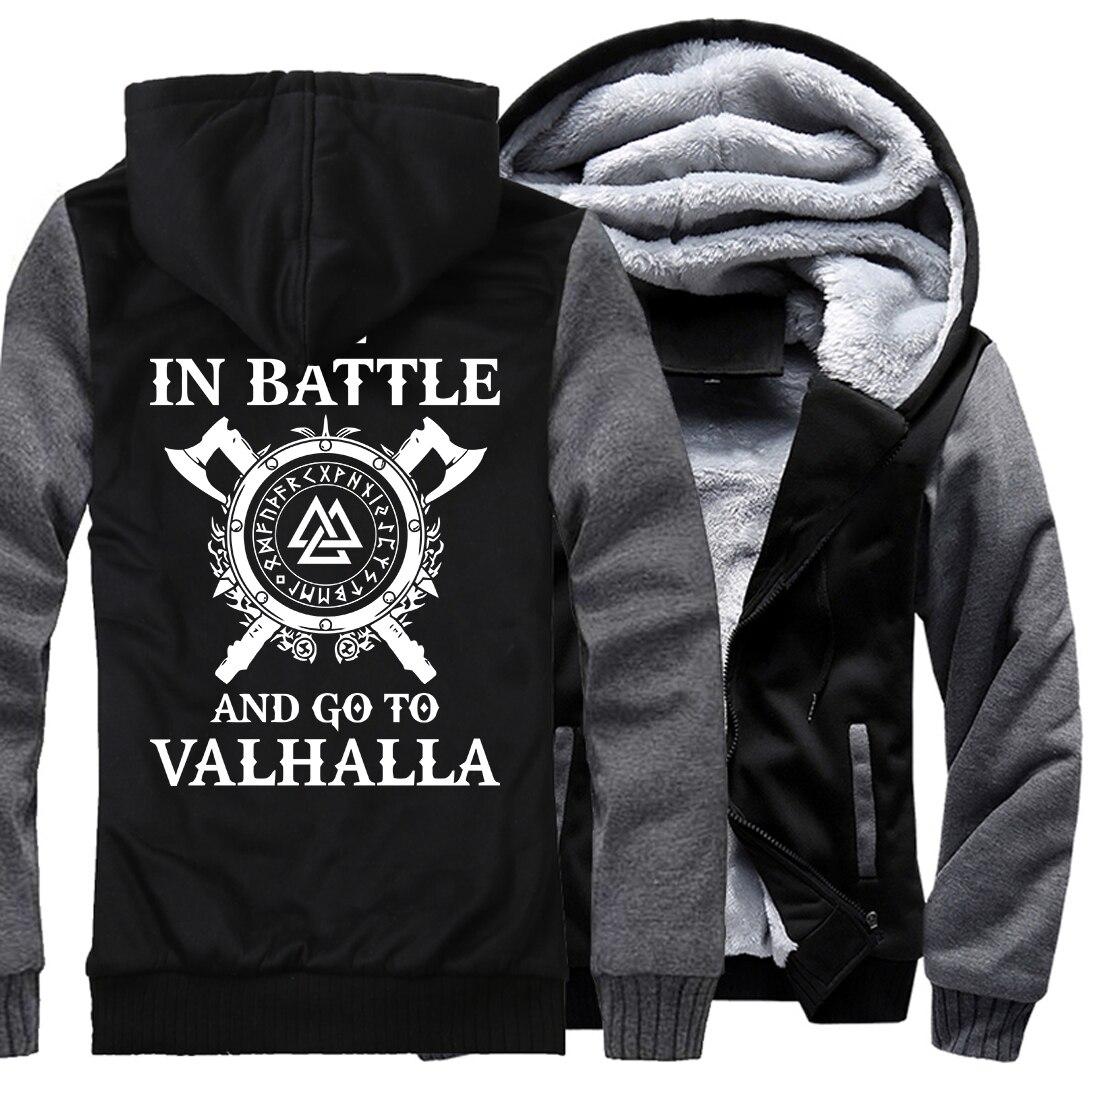 Uomo casual lana fodera tute sportive di marca Inverno addensare con cappuccio felpe Vikings Odin Odin Vichingo hip-hop moda giacche 2018